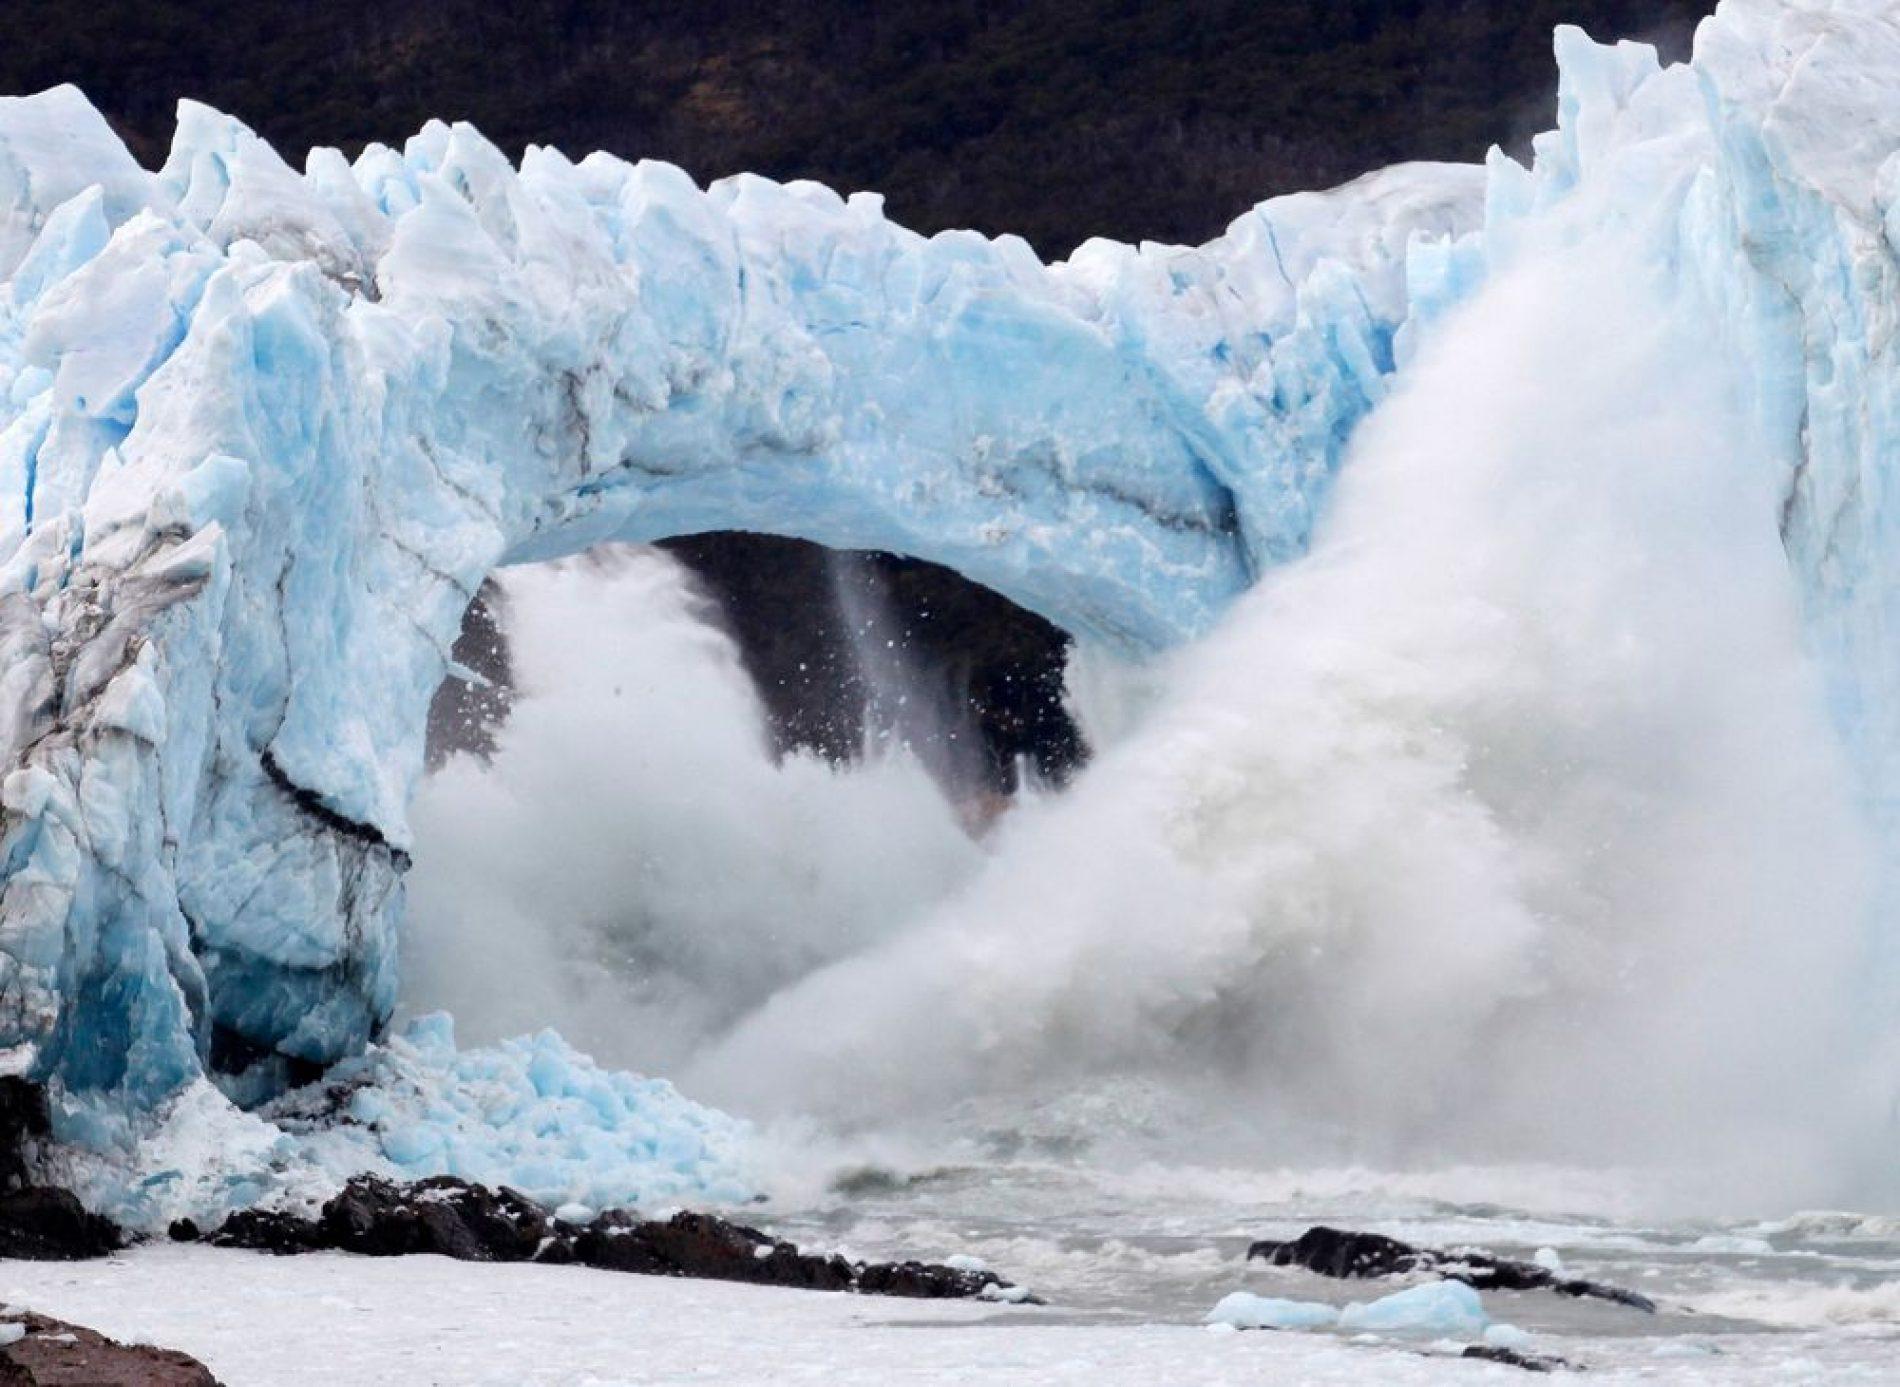 Amériques : Le changement climatique fait fondre des milliards de tonnes de glace au Groenland